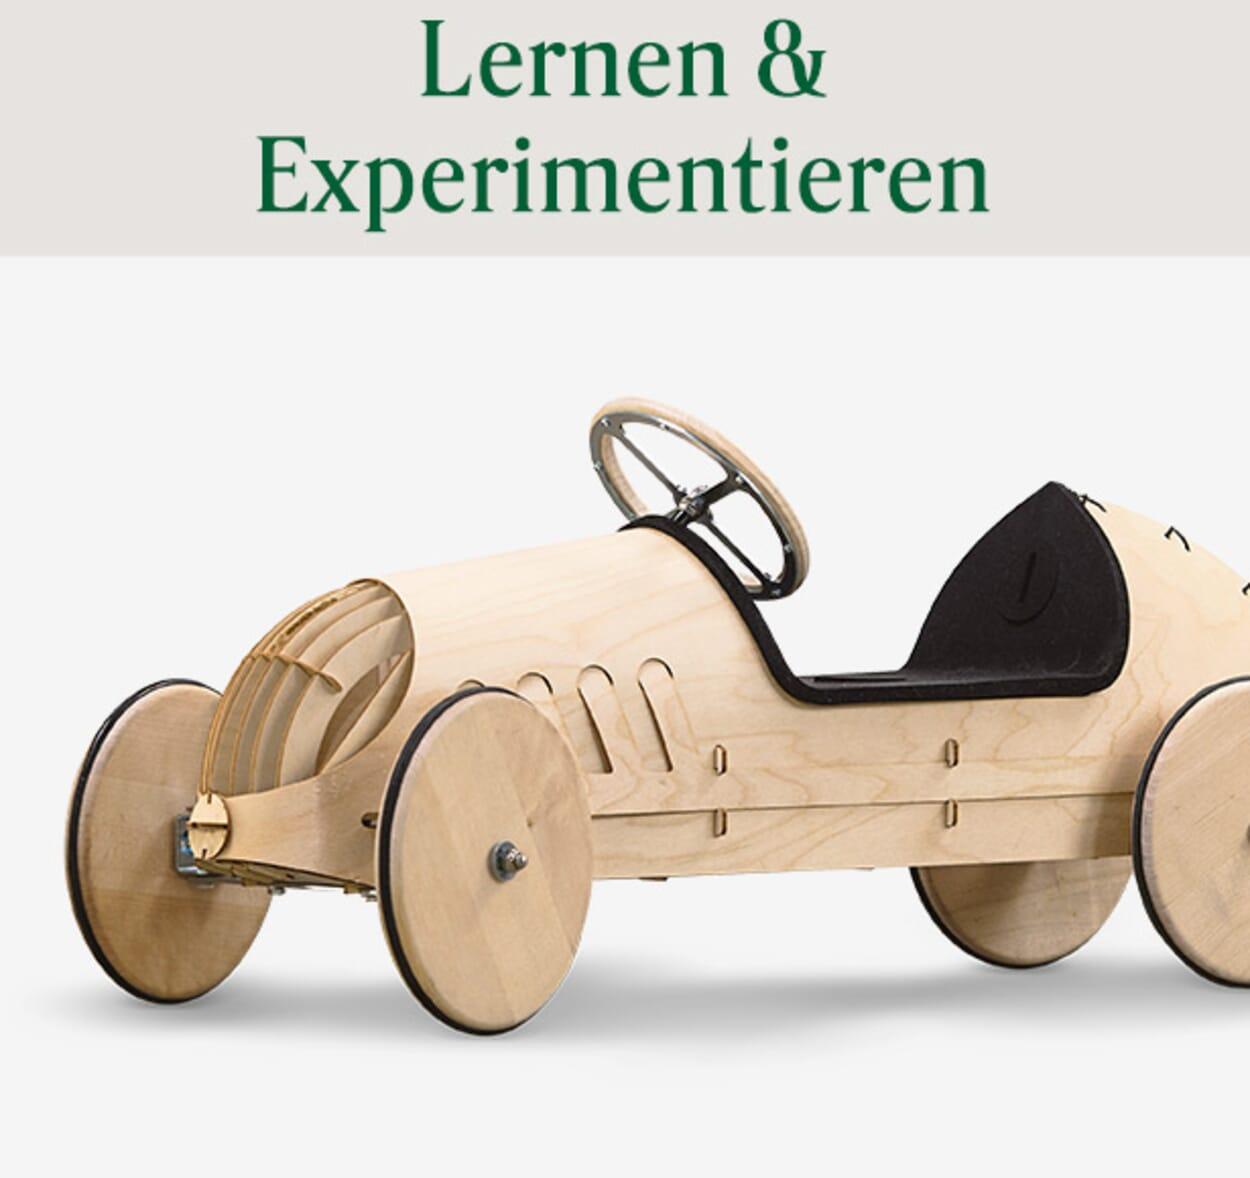 Lernen & Experiementieren für Kinder